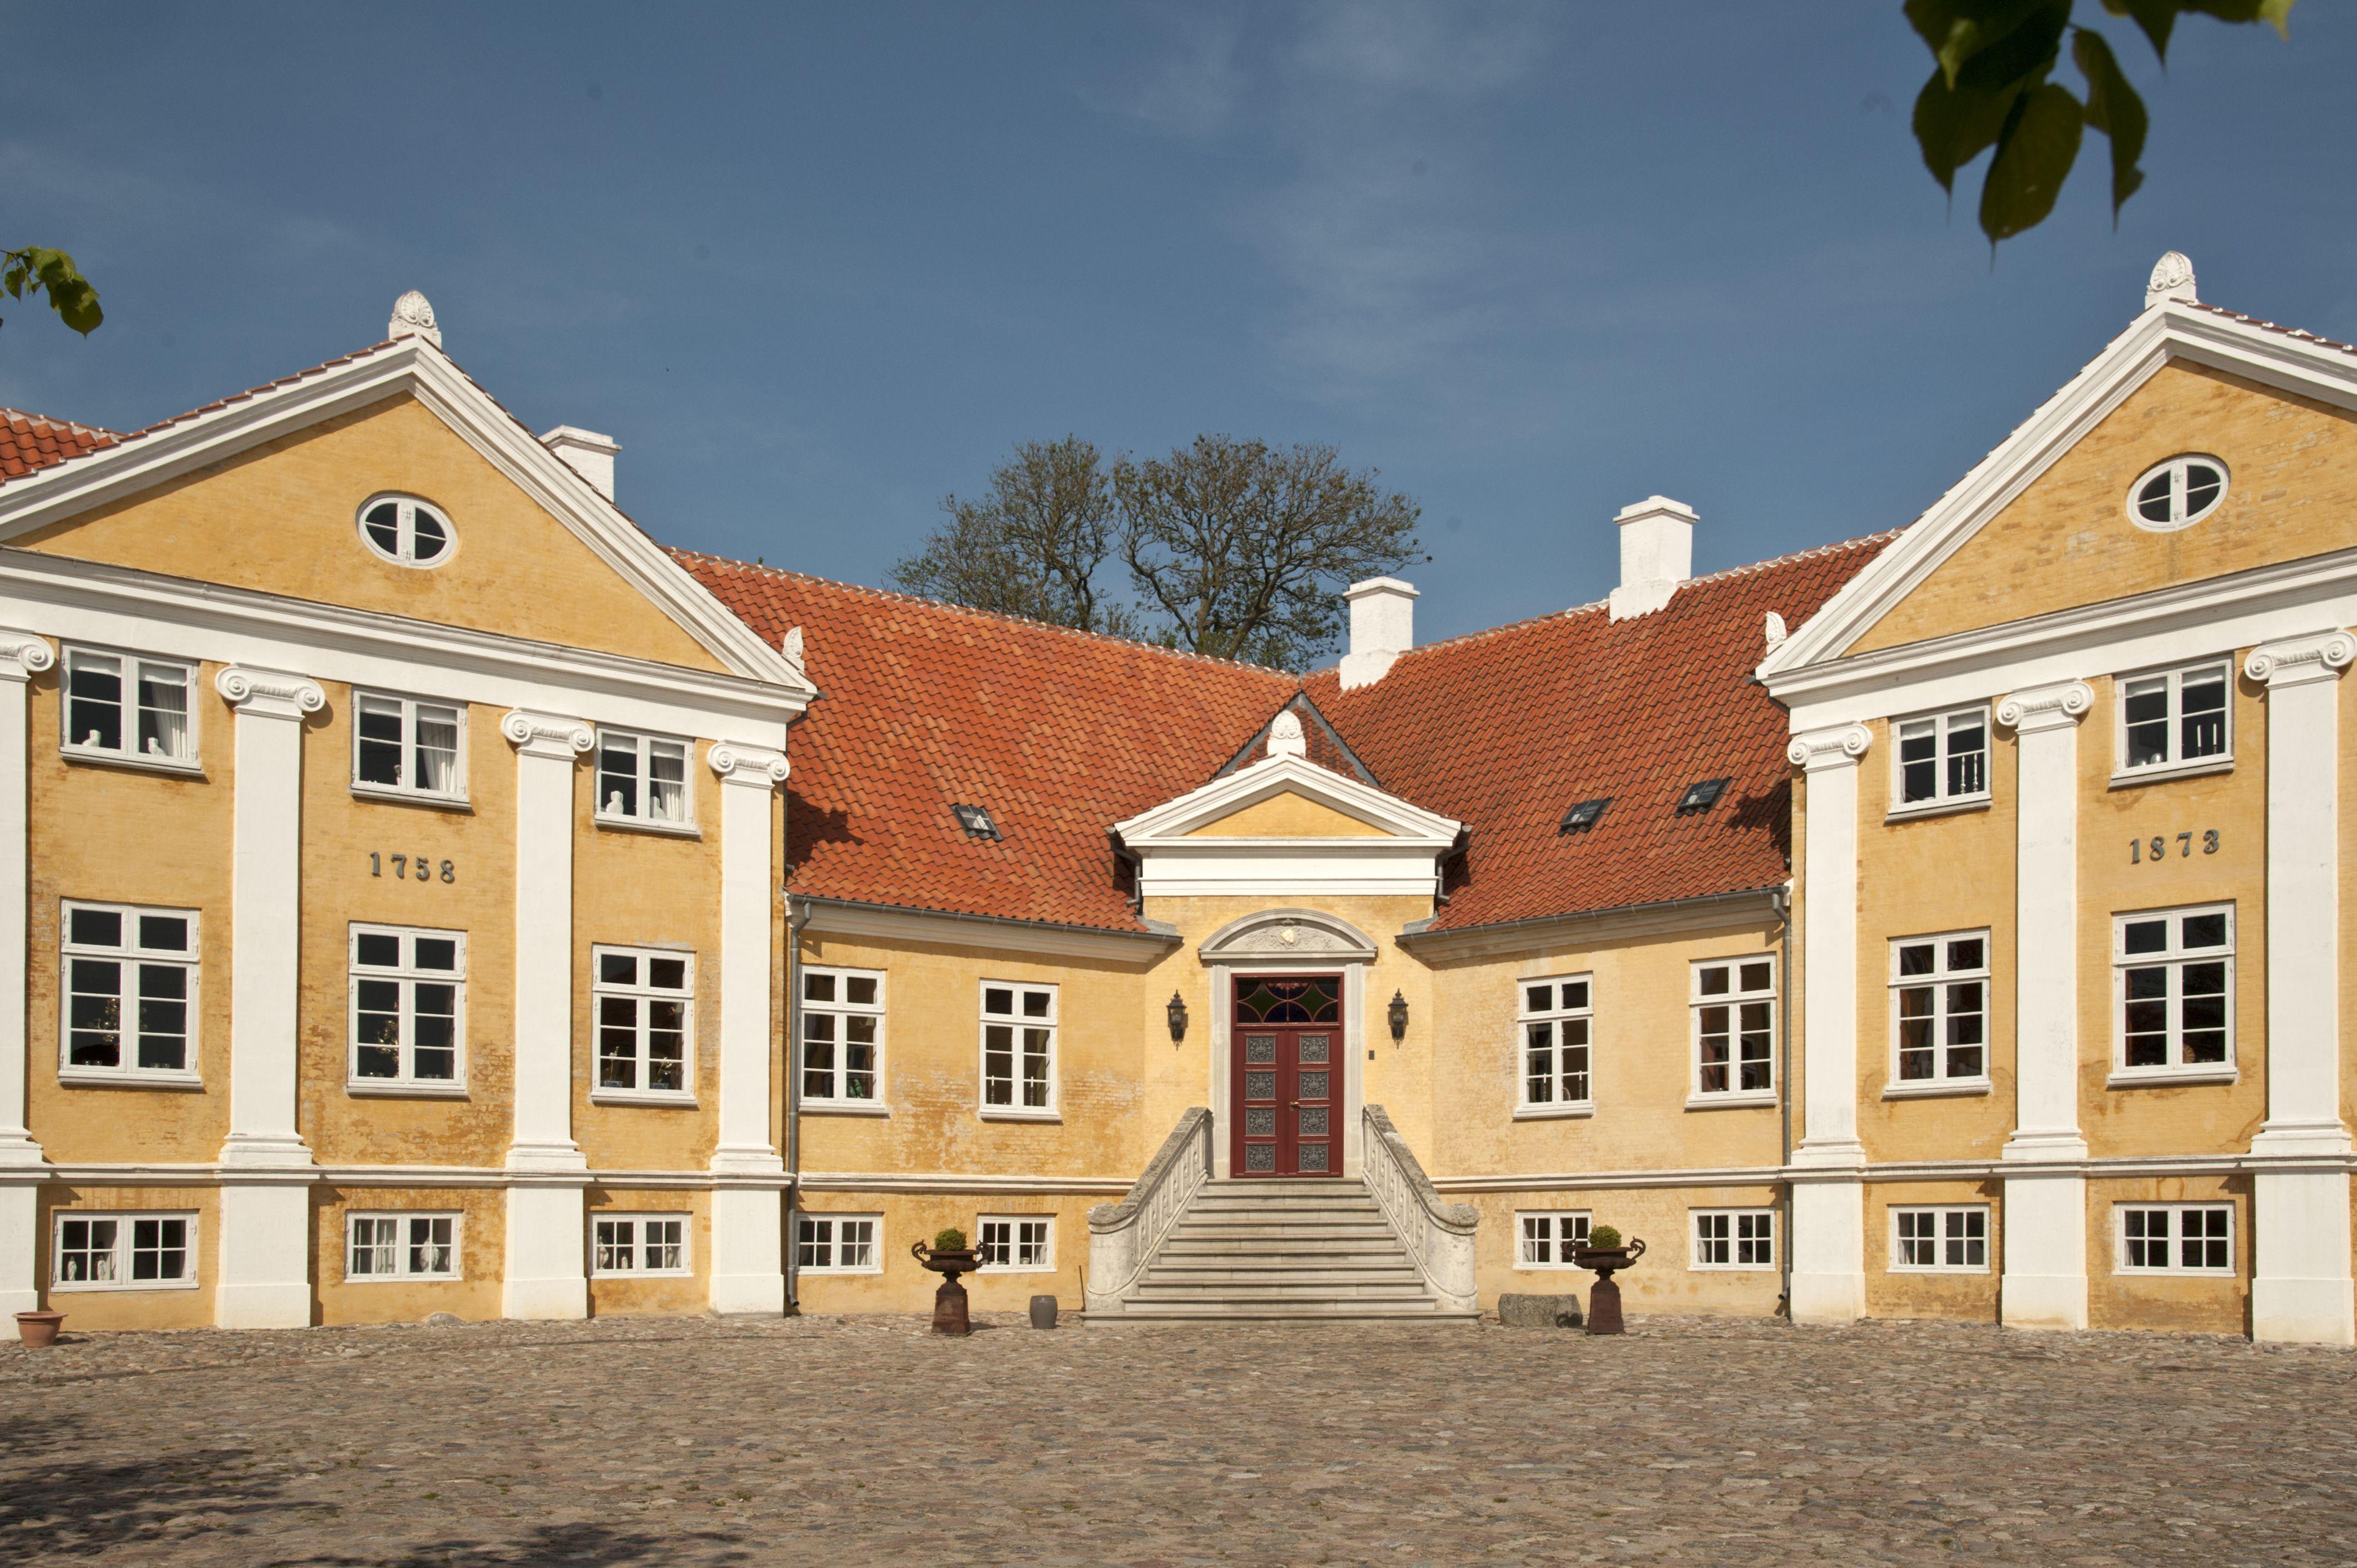 Brolykke Pa Langeland Slotte Bygninger Danmark